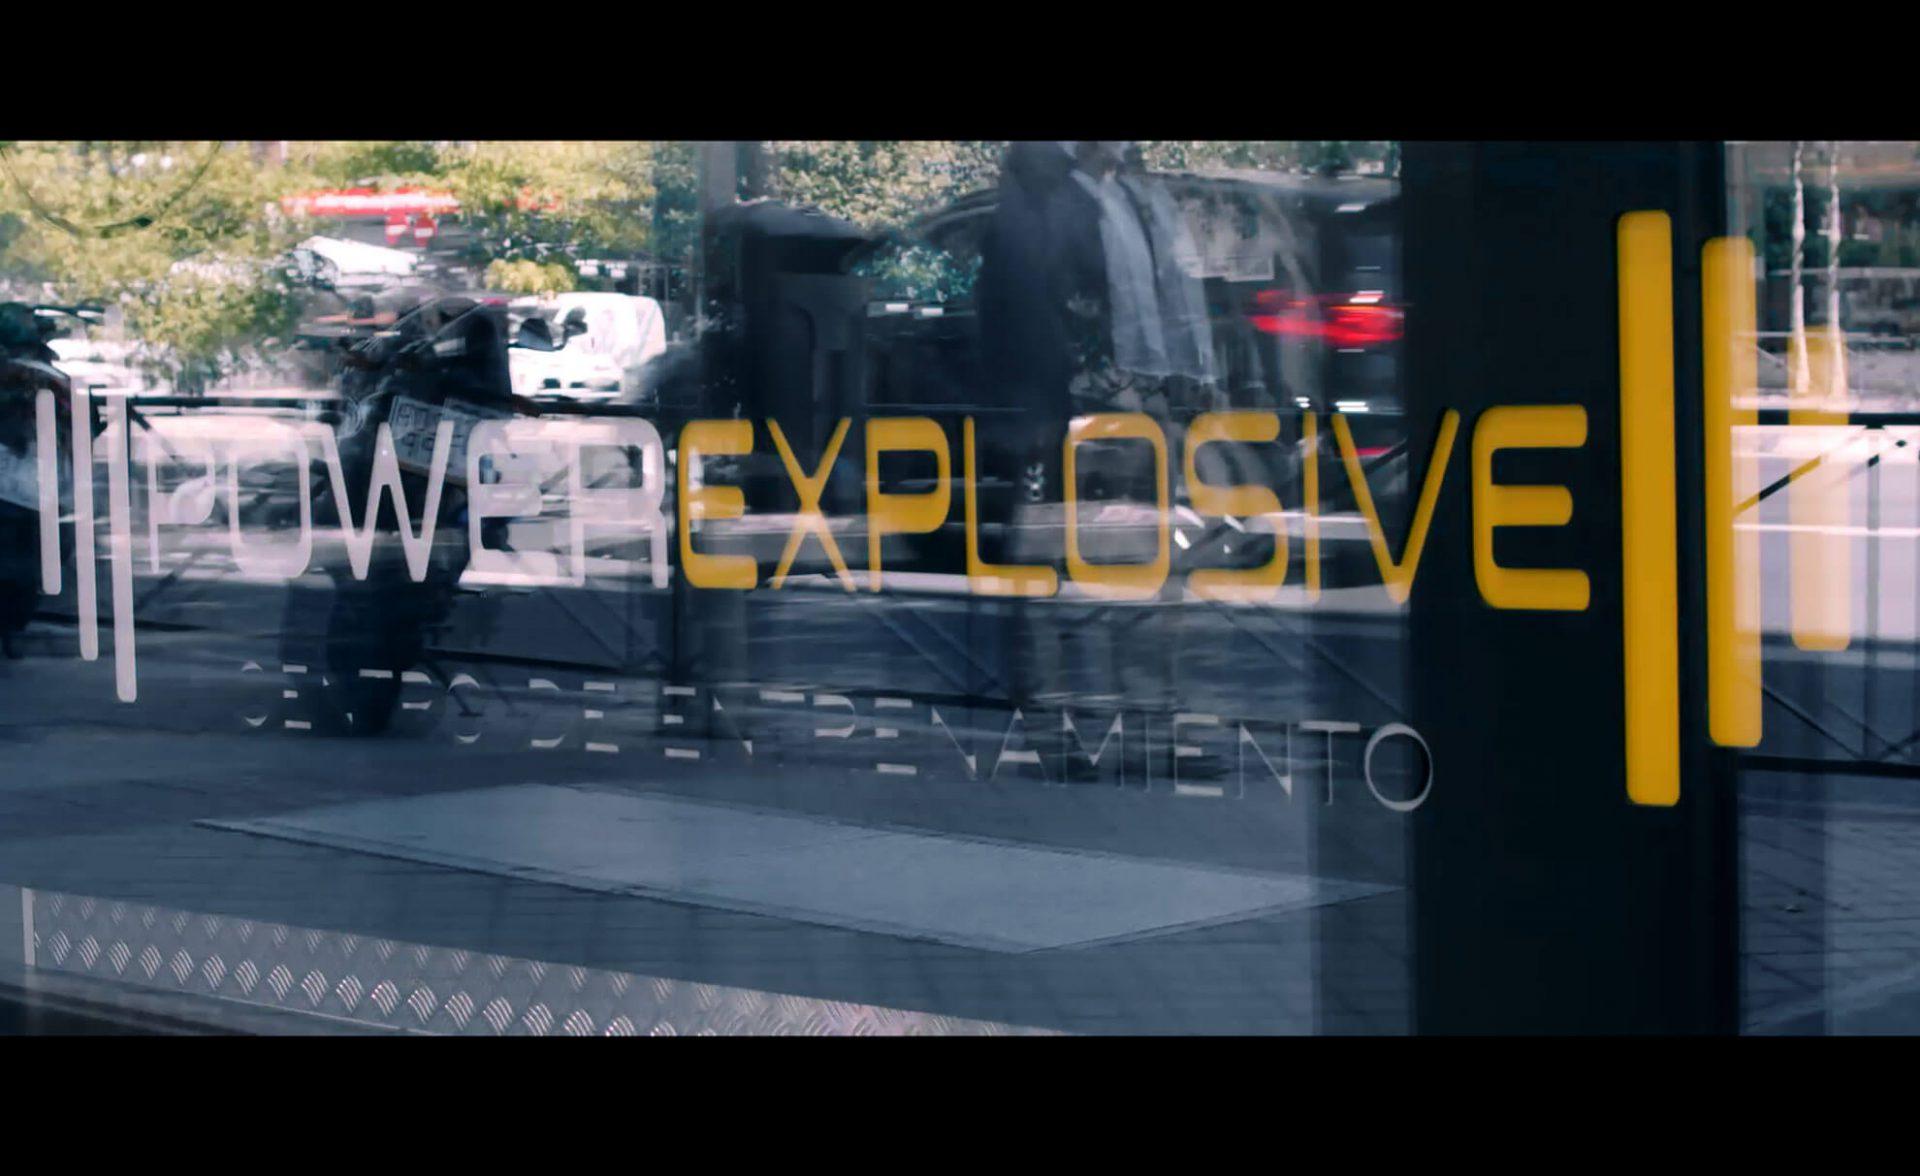 Grabación y edición de video portfolio audiovisuales powerexplosive